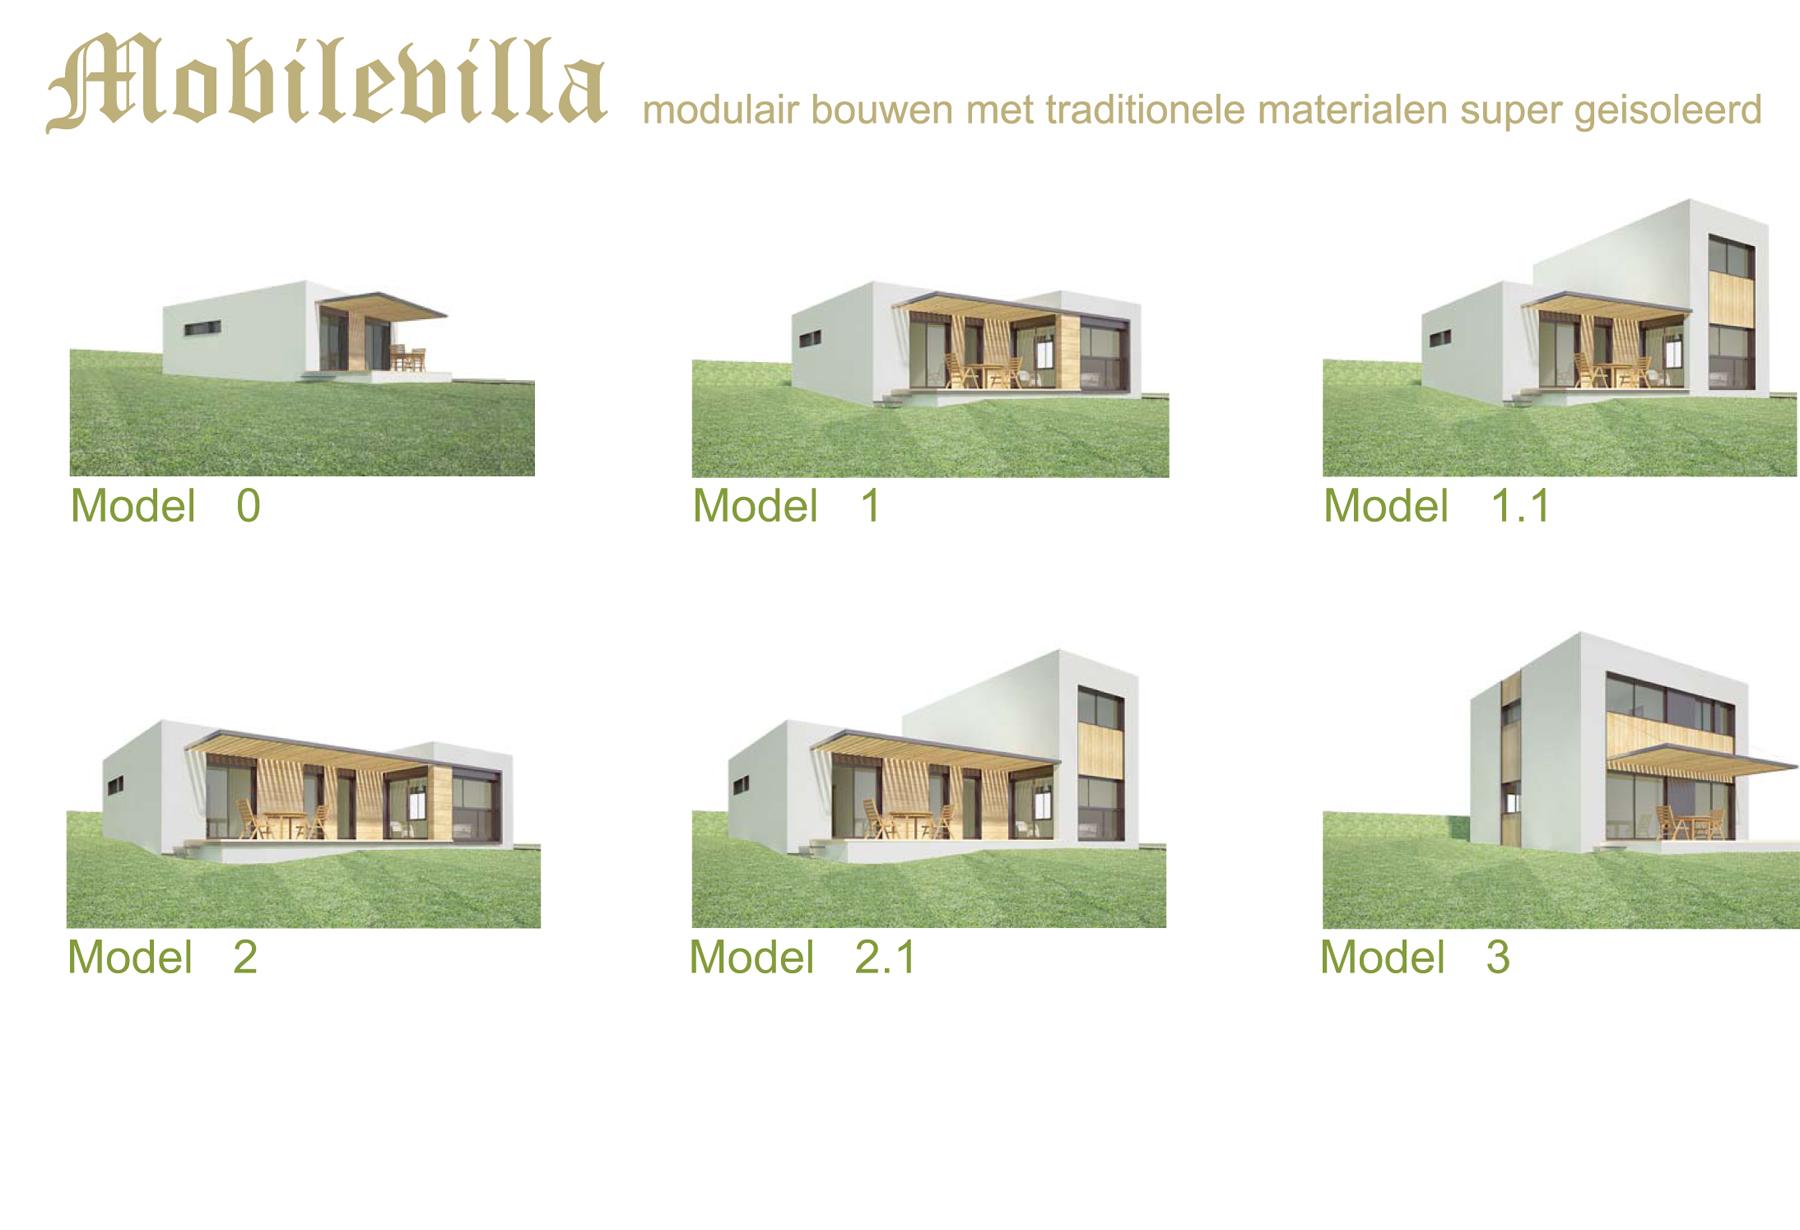 Modulair bouwen met traditionele materialen